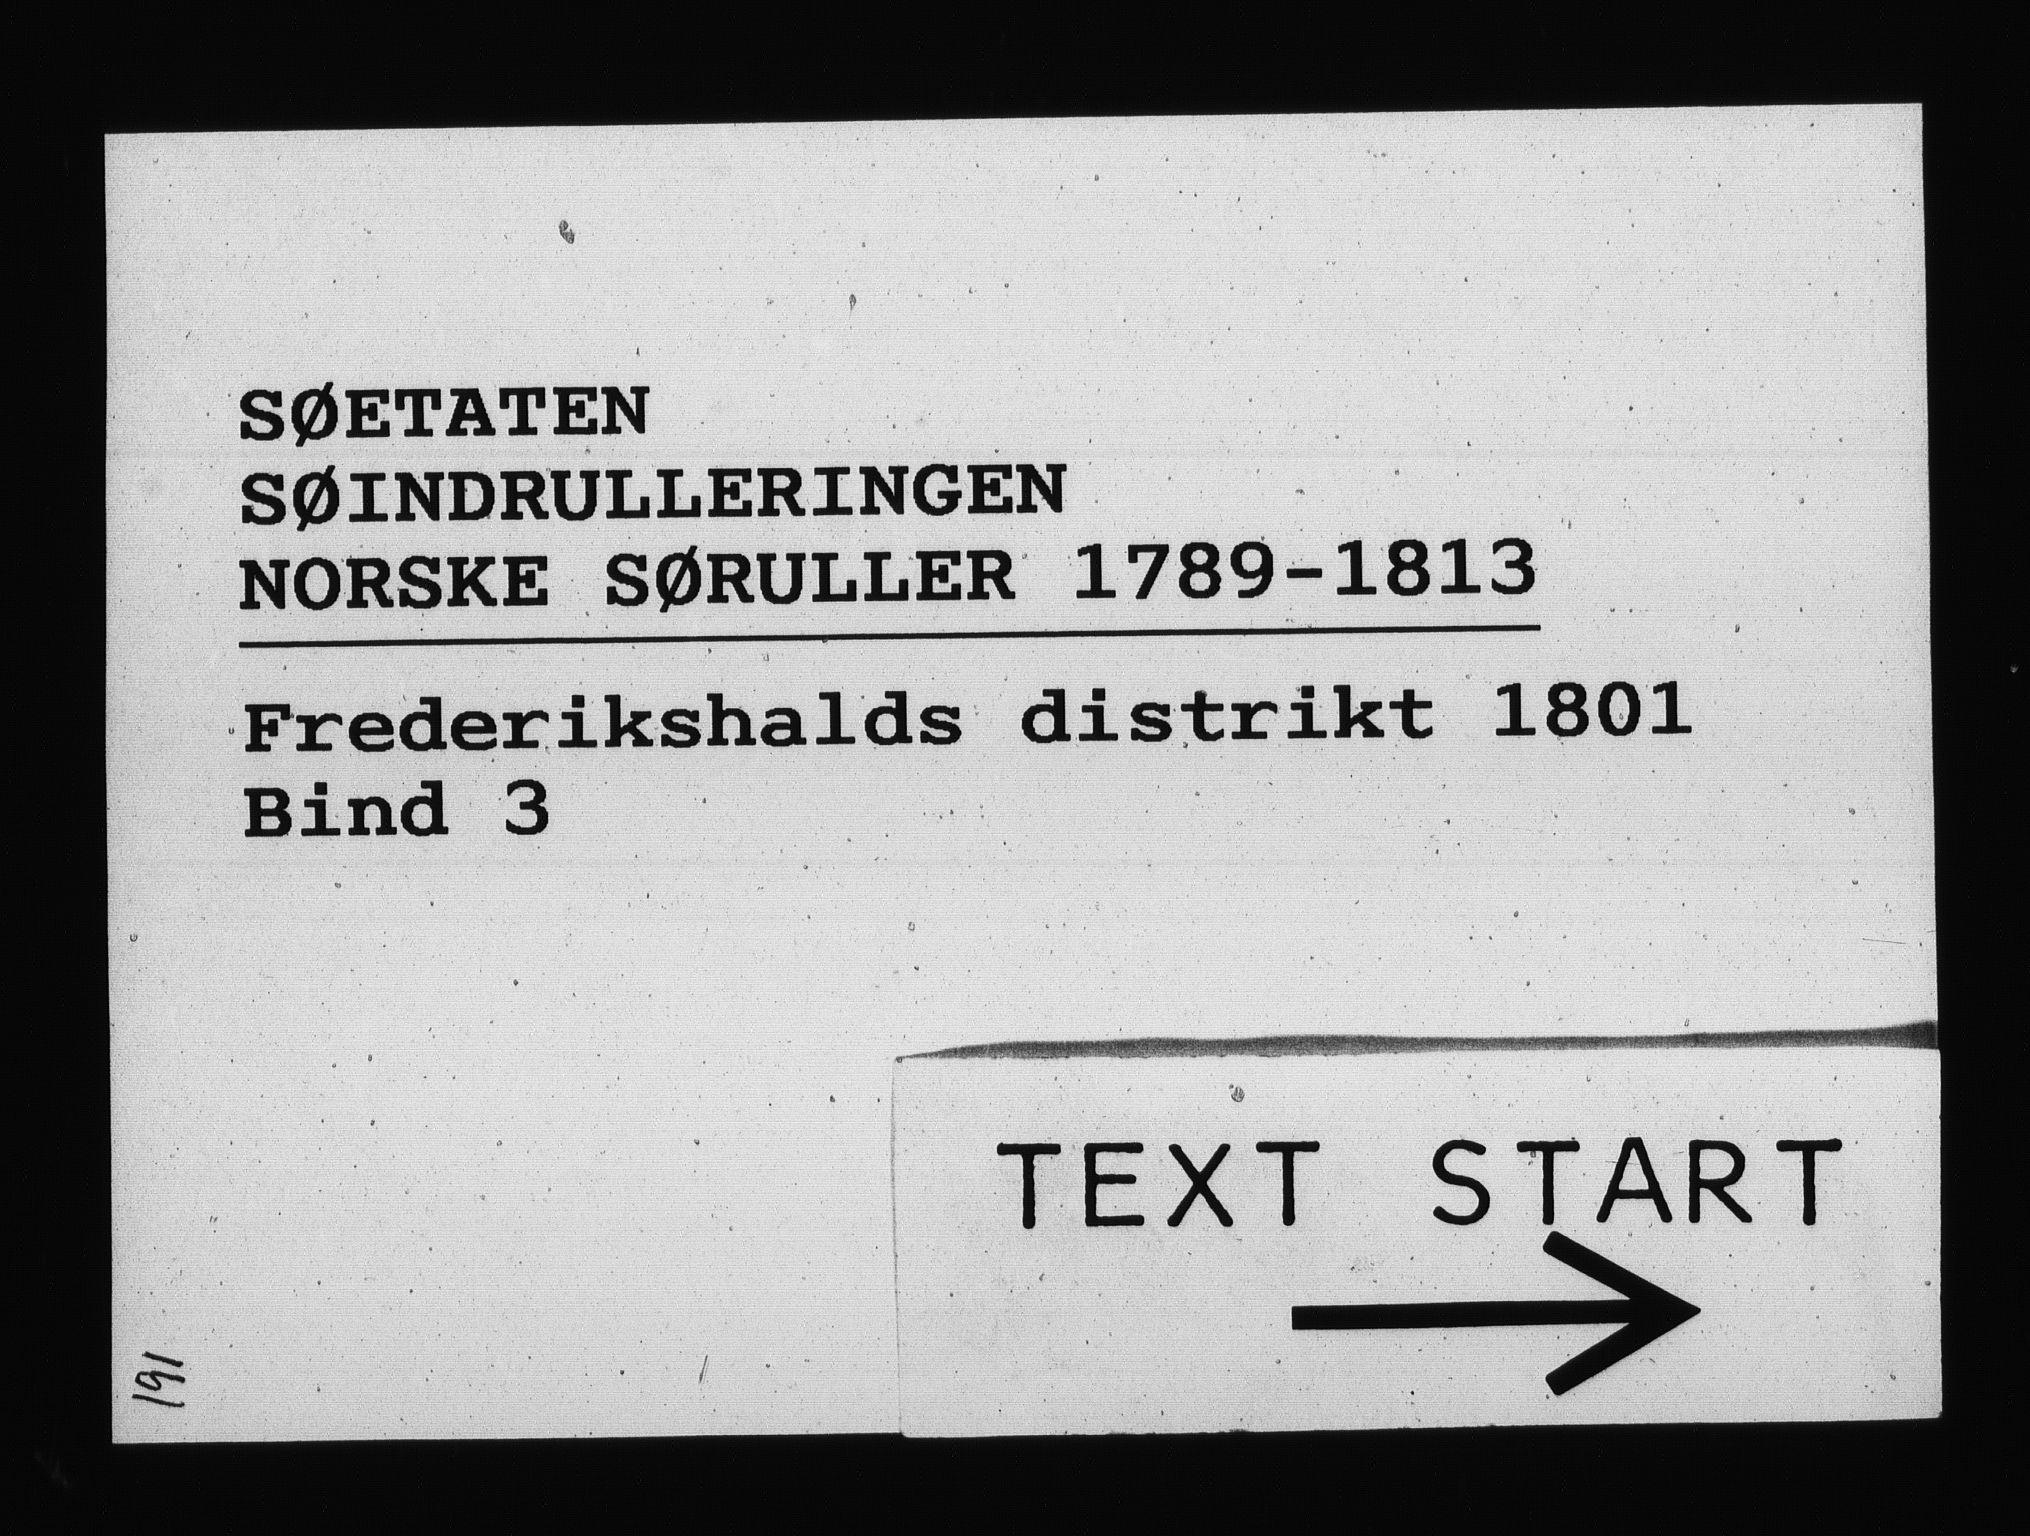 RA, Sjøetaten, F/L0192: Fredrikshalds distrikt, bind 3, 1801